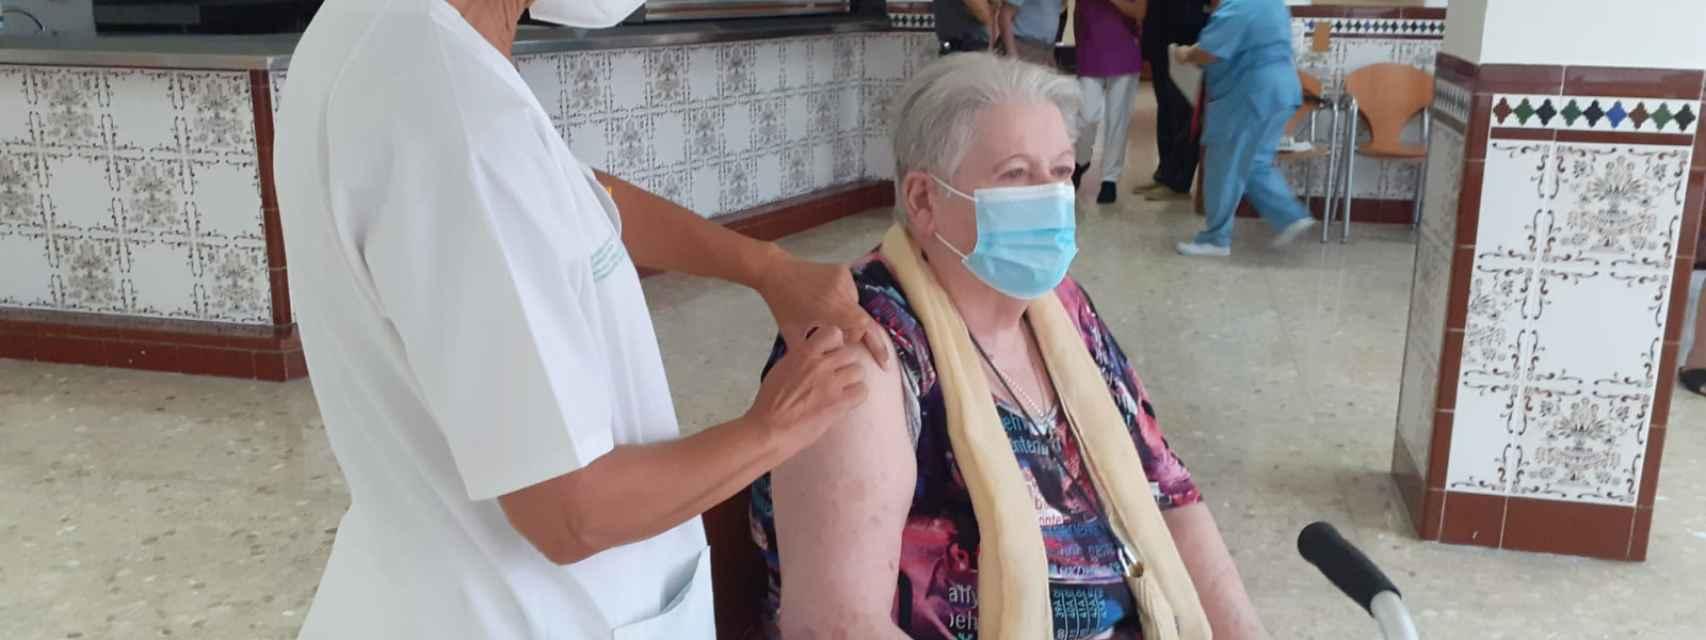 Tercera dosis de la vacuna en una residencia de mayores.